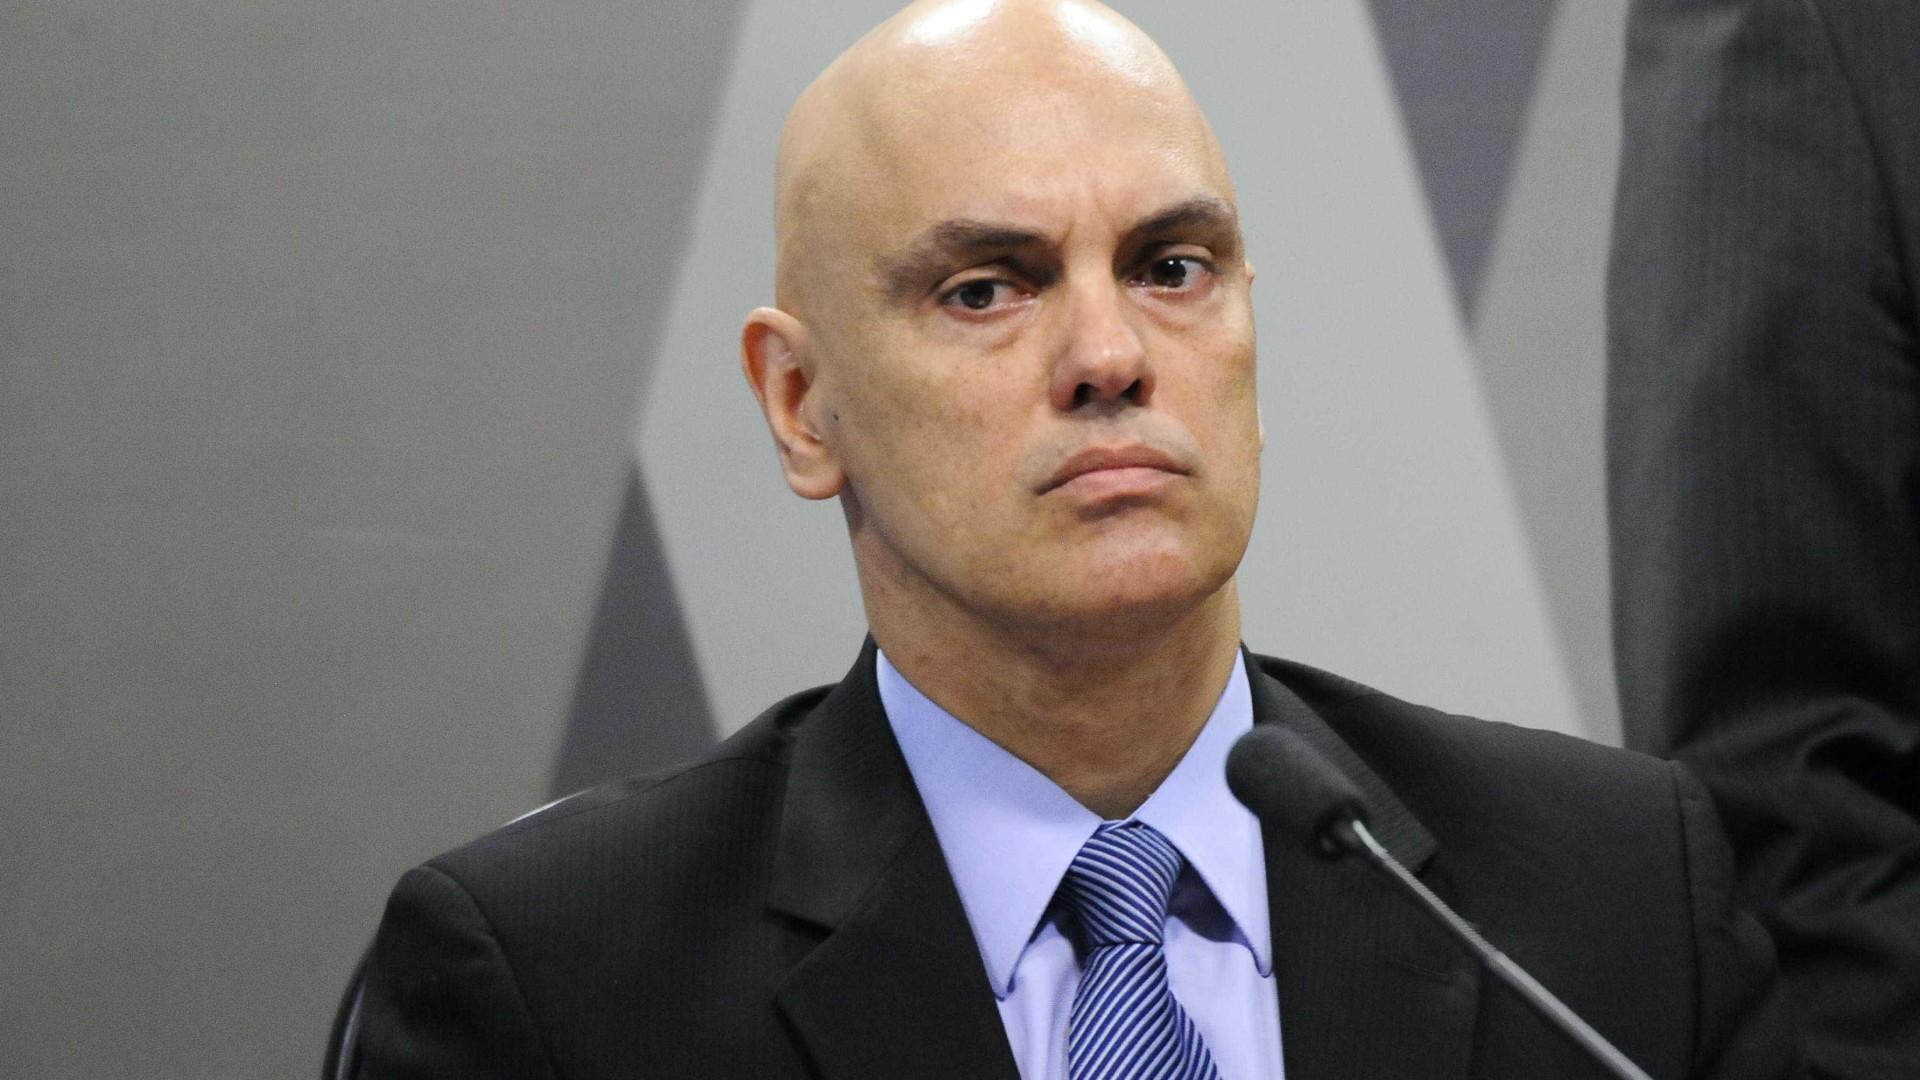 Ministro libera processo que discute porte de drogas para uso pessoal